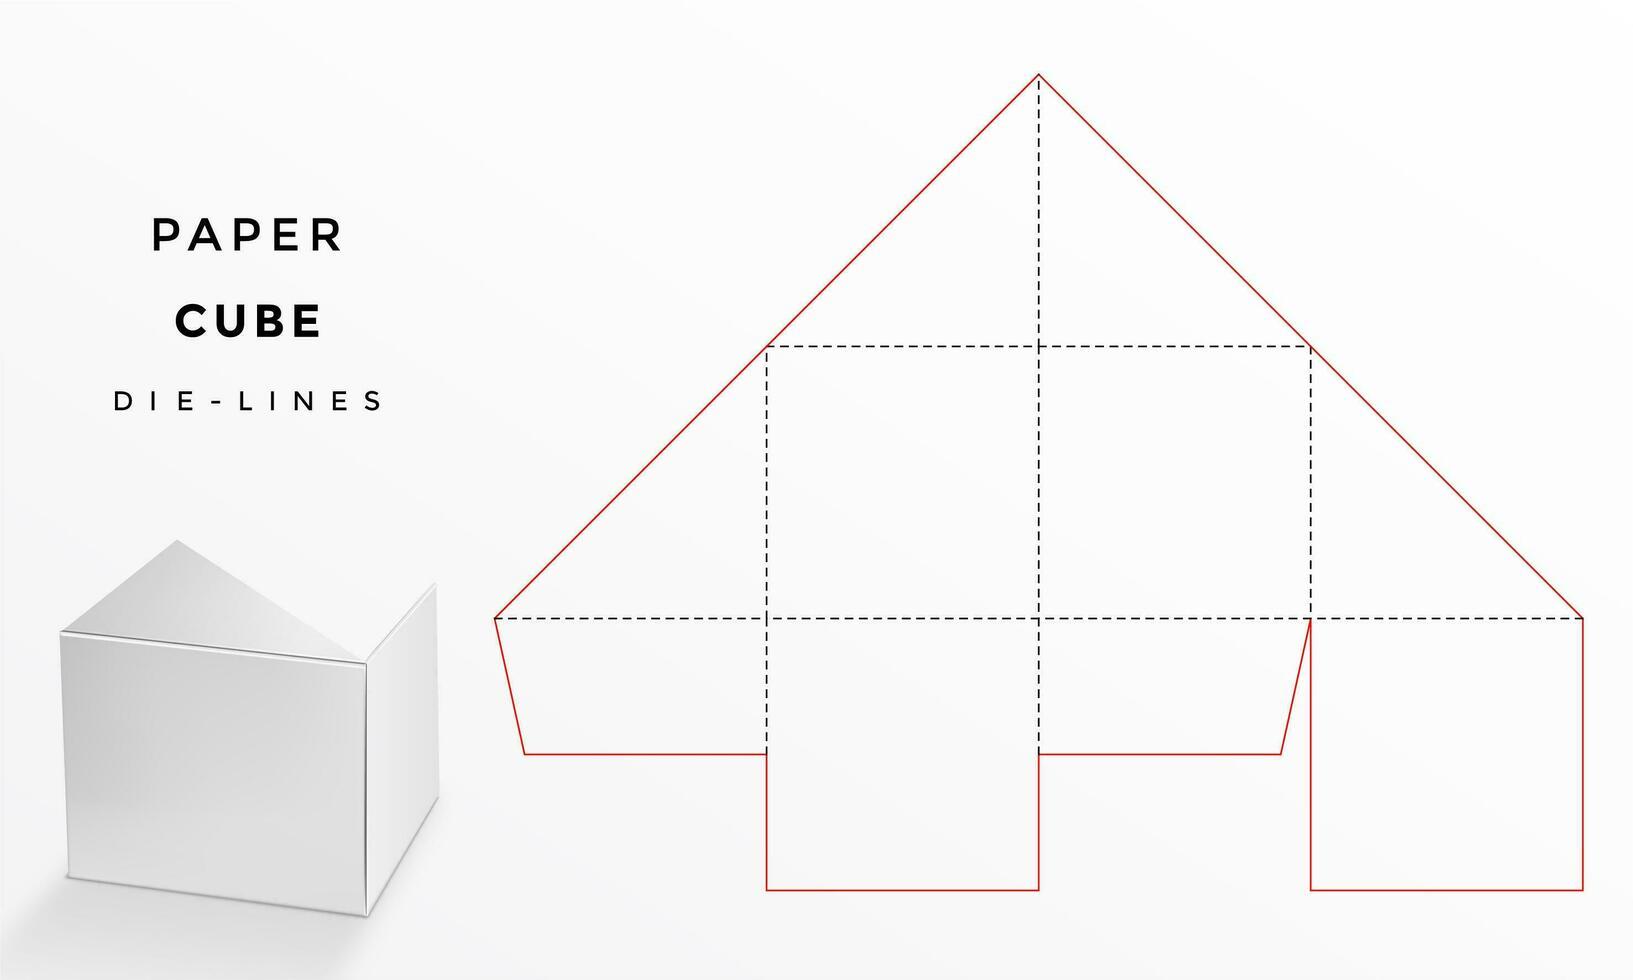 papieren kubus sjabloon met die-lijnen vector